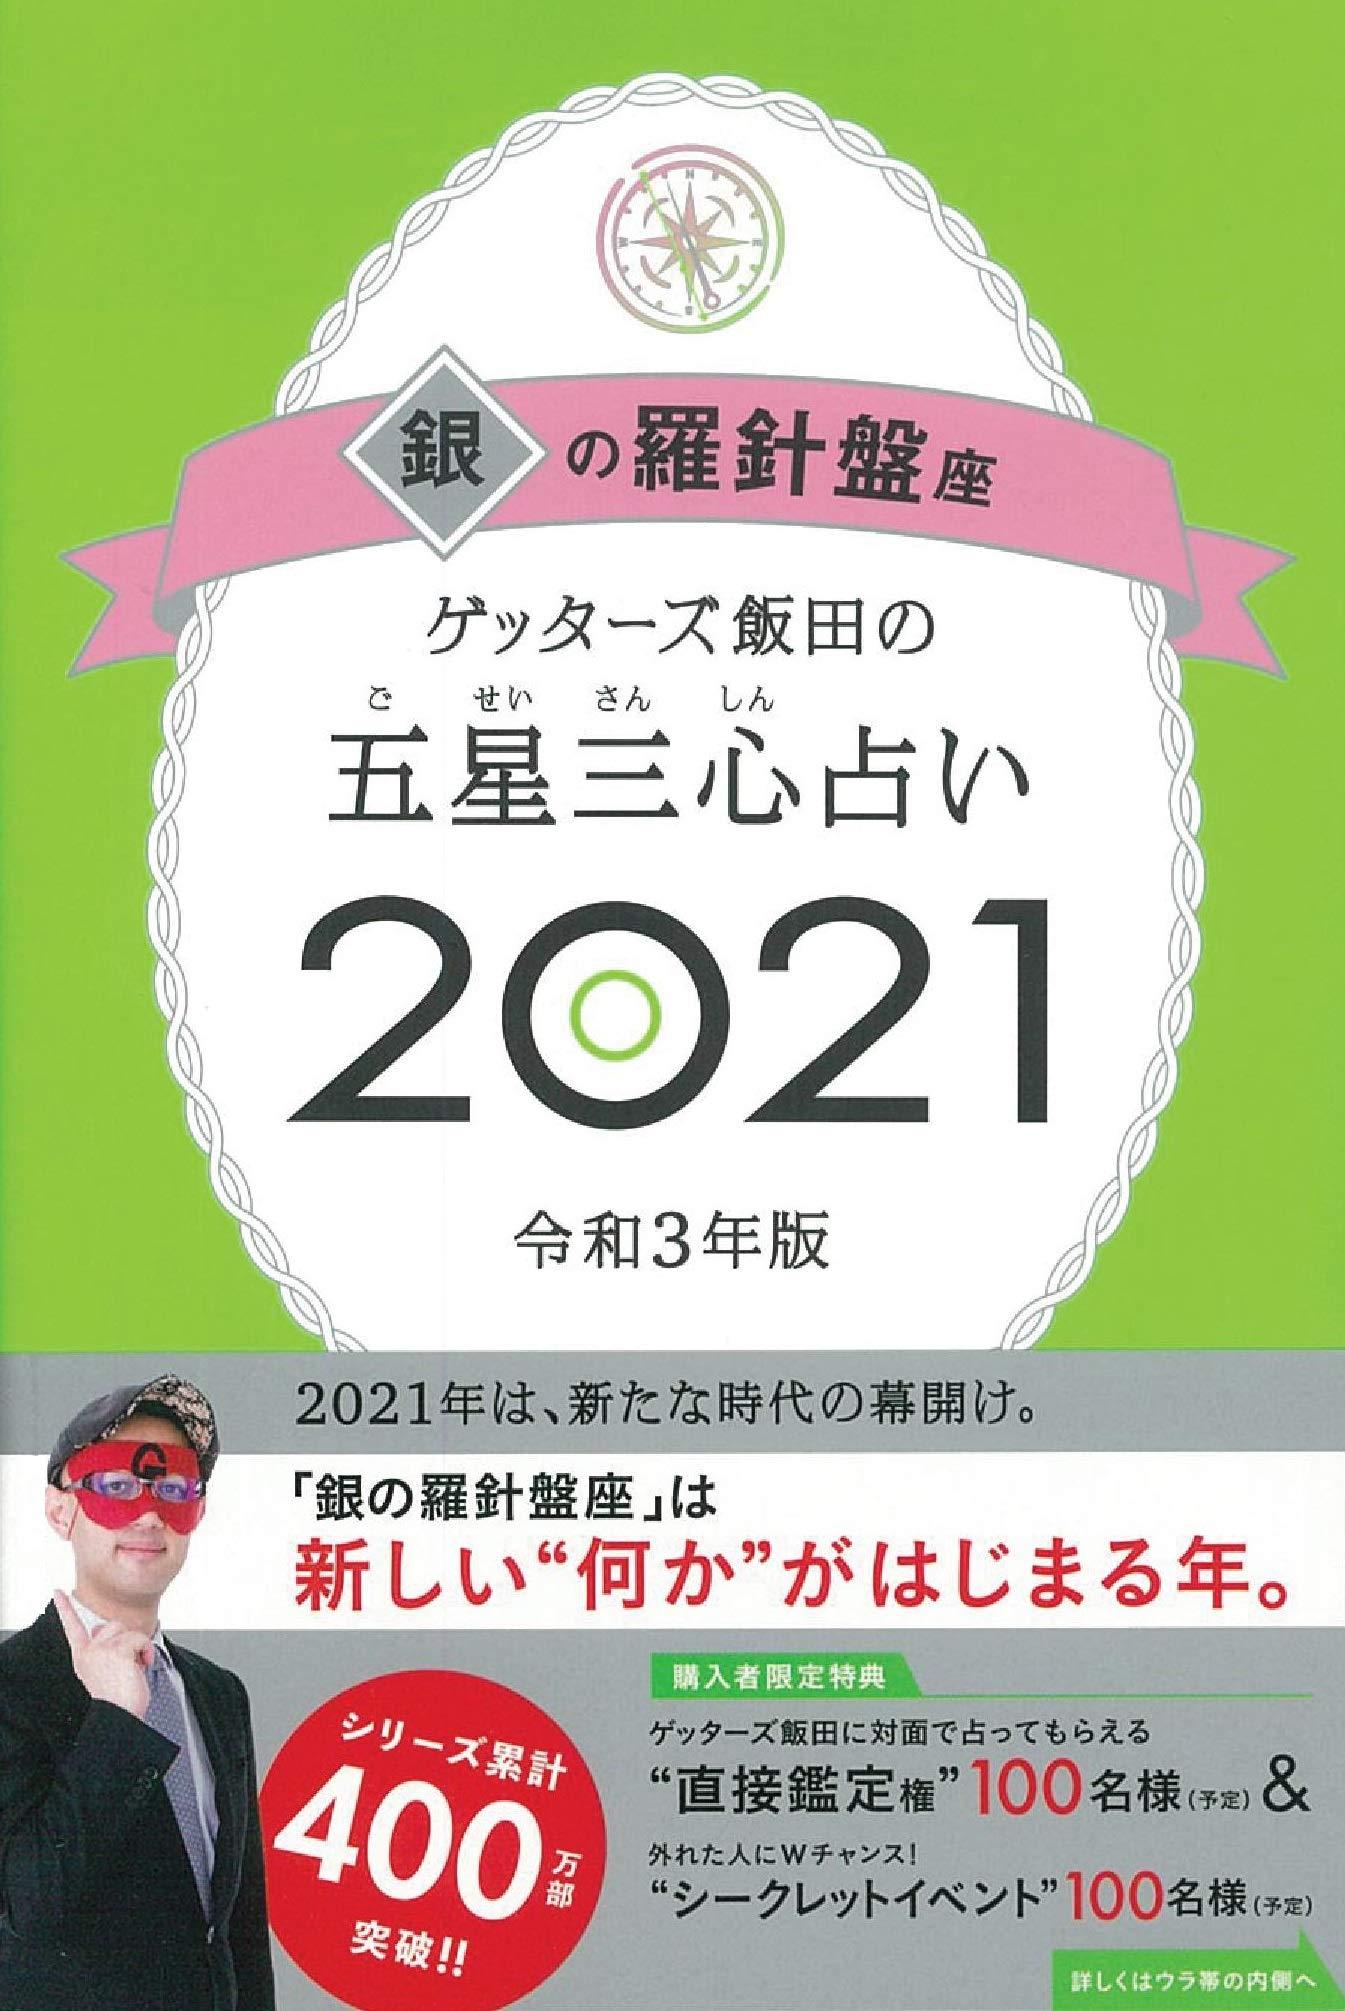 ゲッターズ 飯田 2020 下期